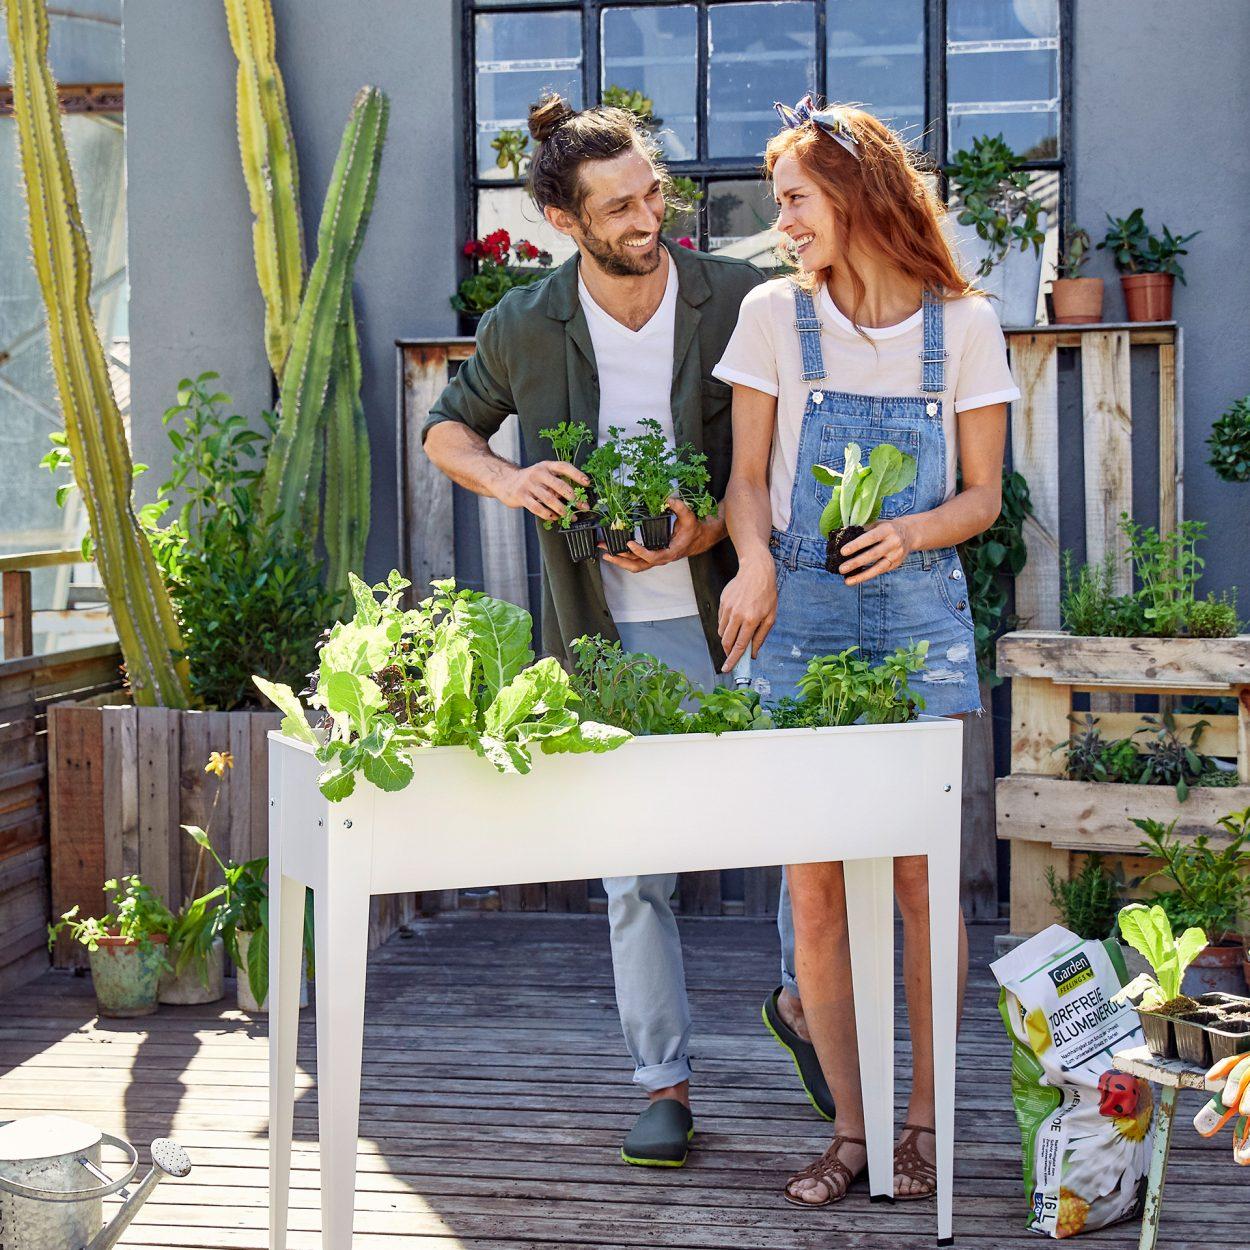 Full Size of Hochbeet Gnstig Bei Aldi Nord Relaxsessel Garten Wohnzimmer Hochbeet Aldi